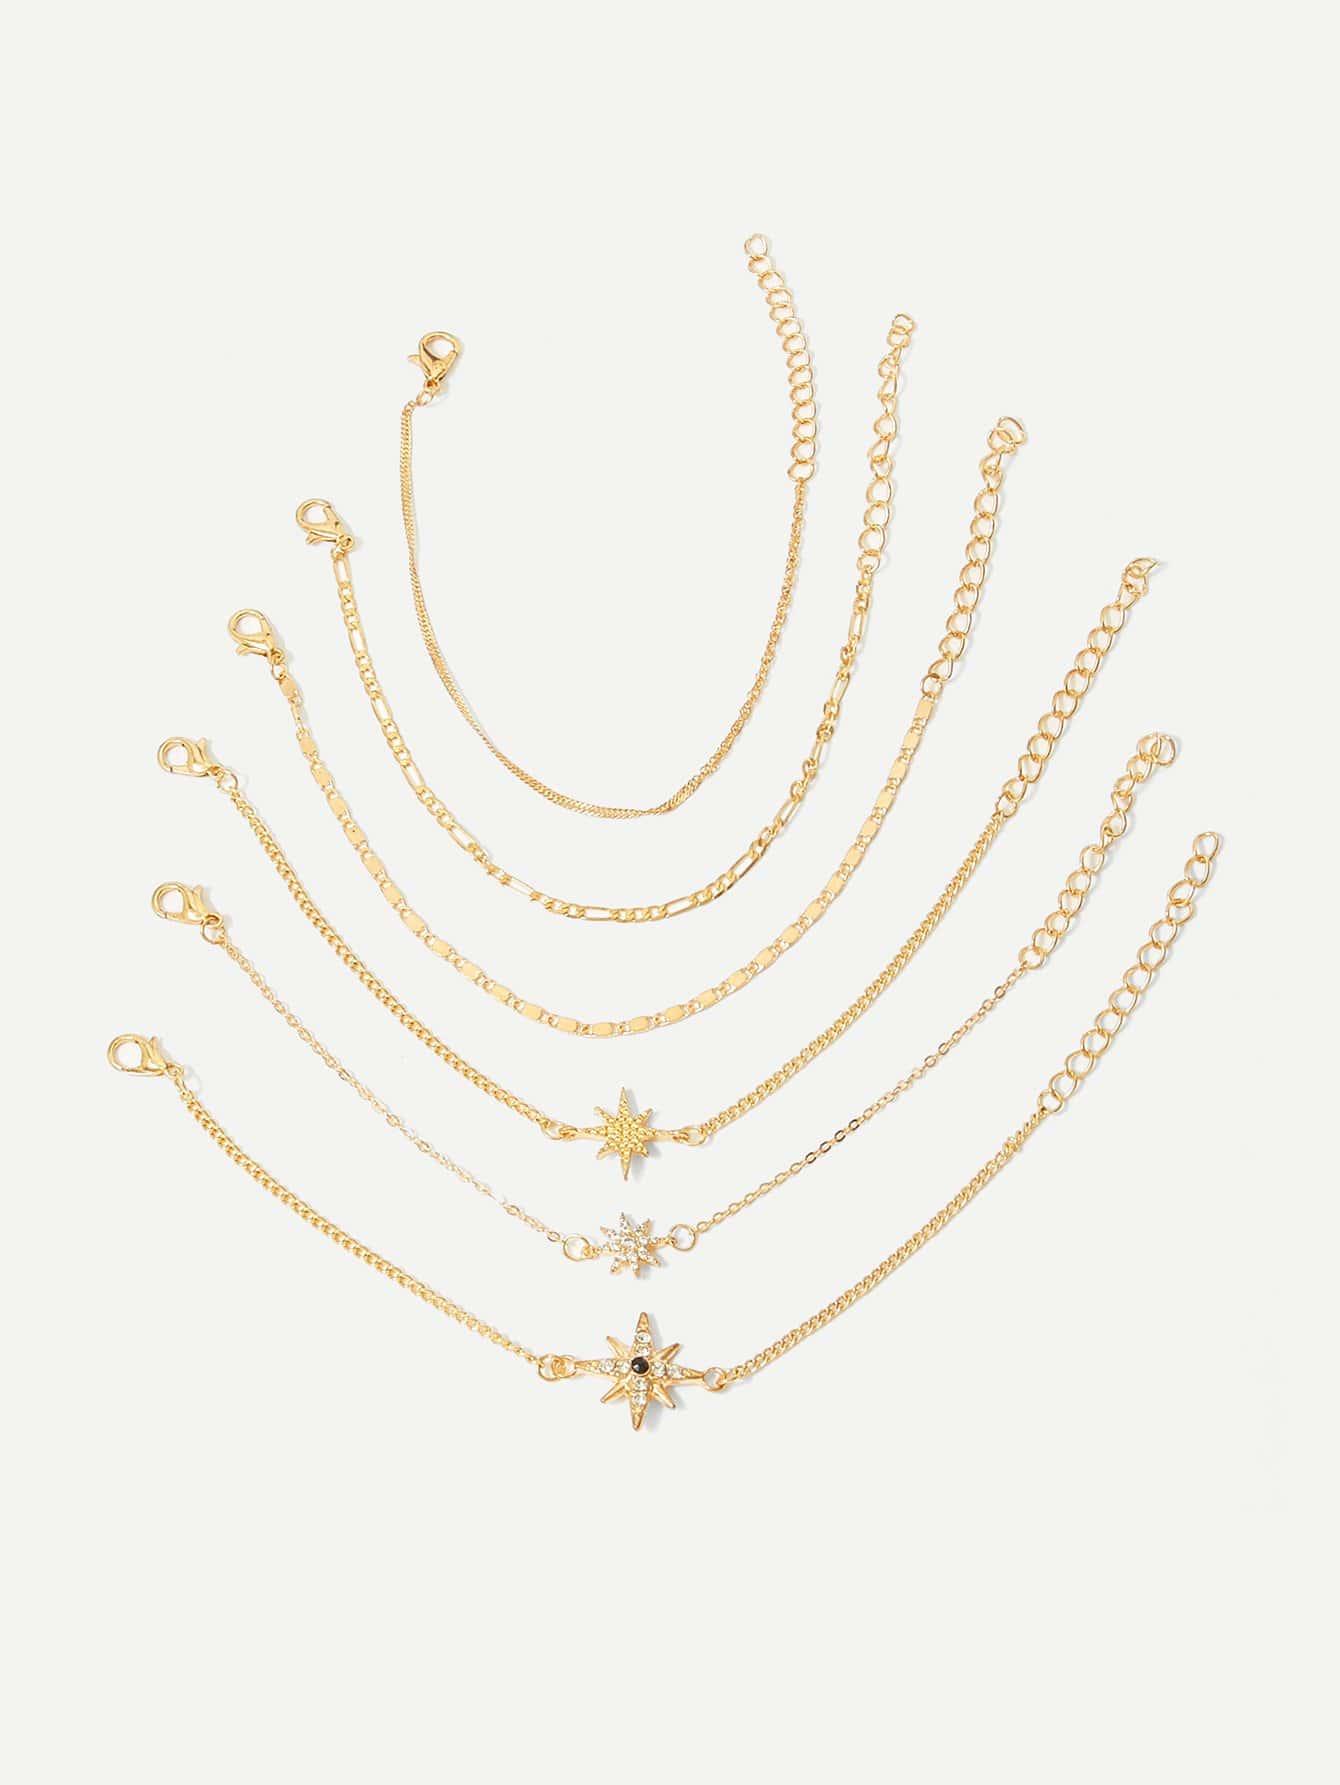 Star Detail Chain Bracelet Set 6pcs термос 0 5 л diolex с узким горлом dx 500 1